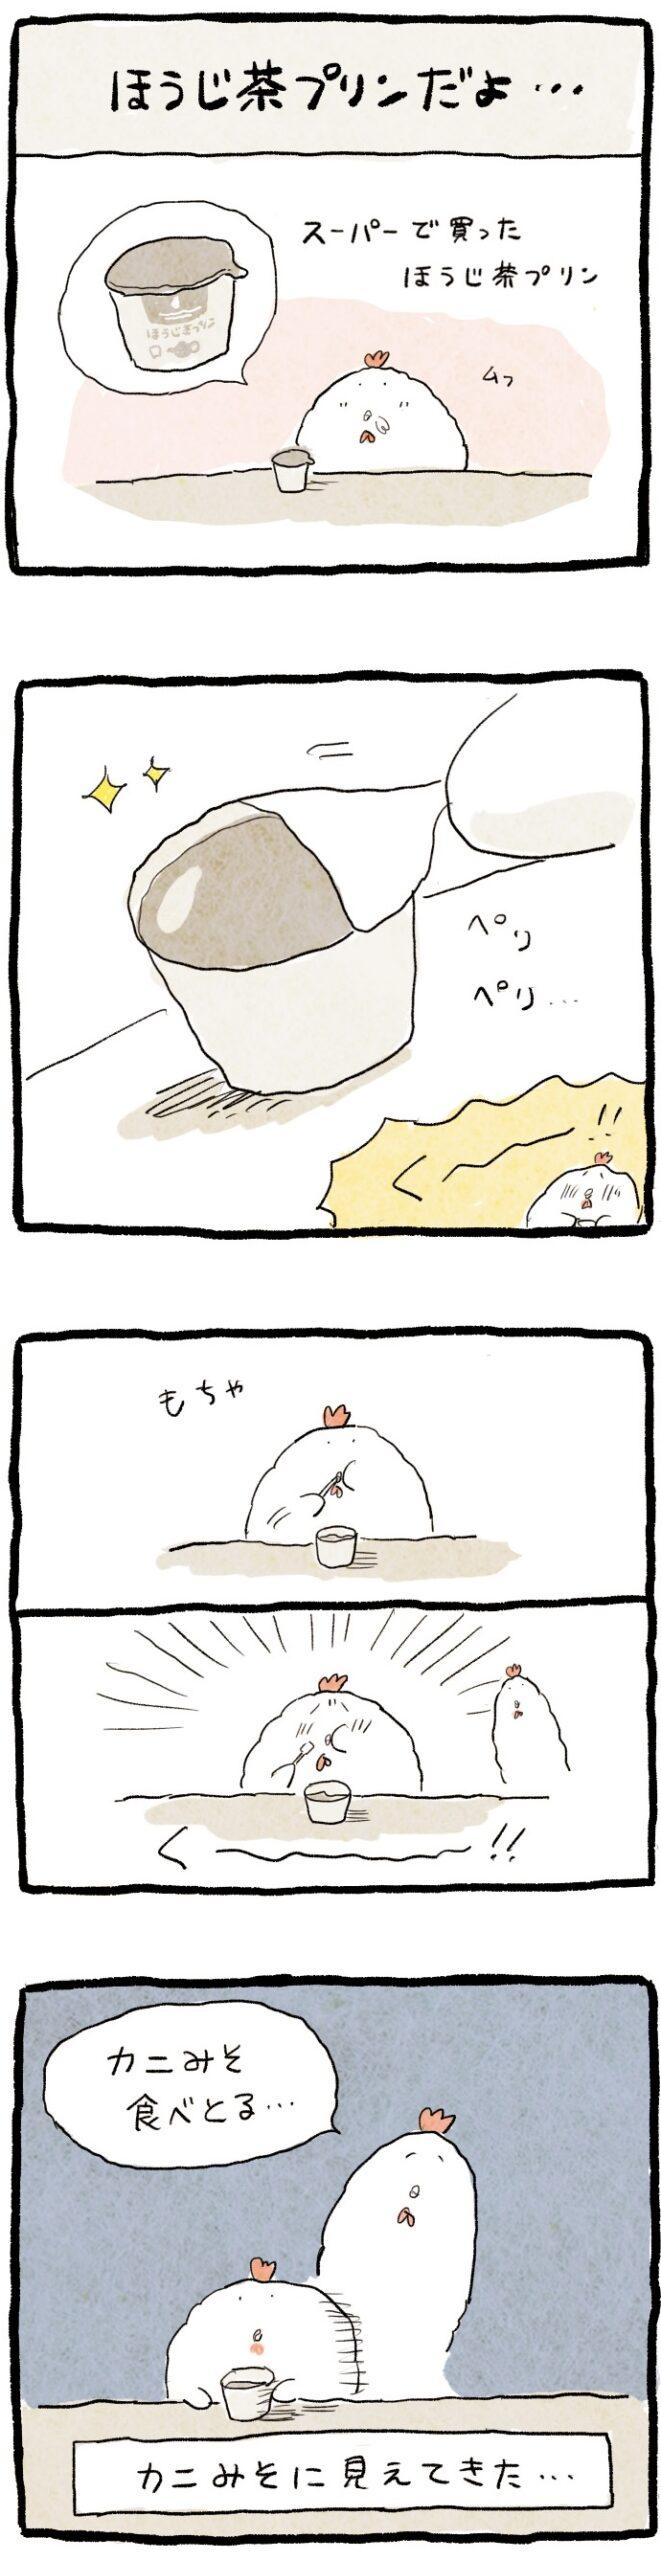 日常漫画_20210810